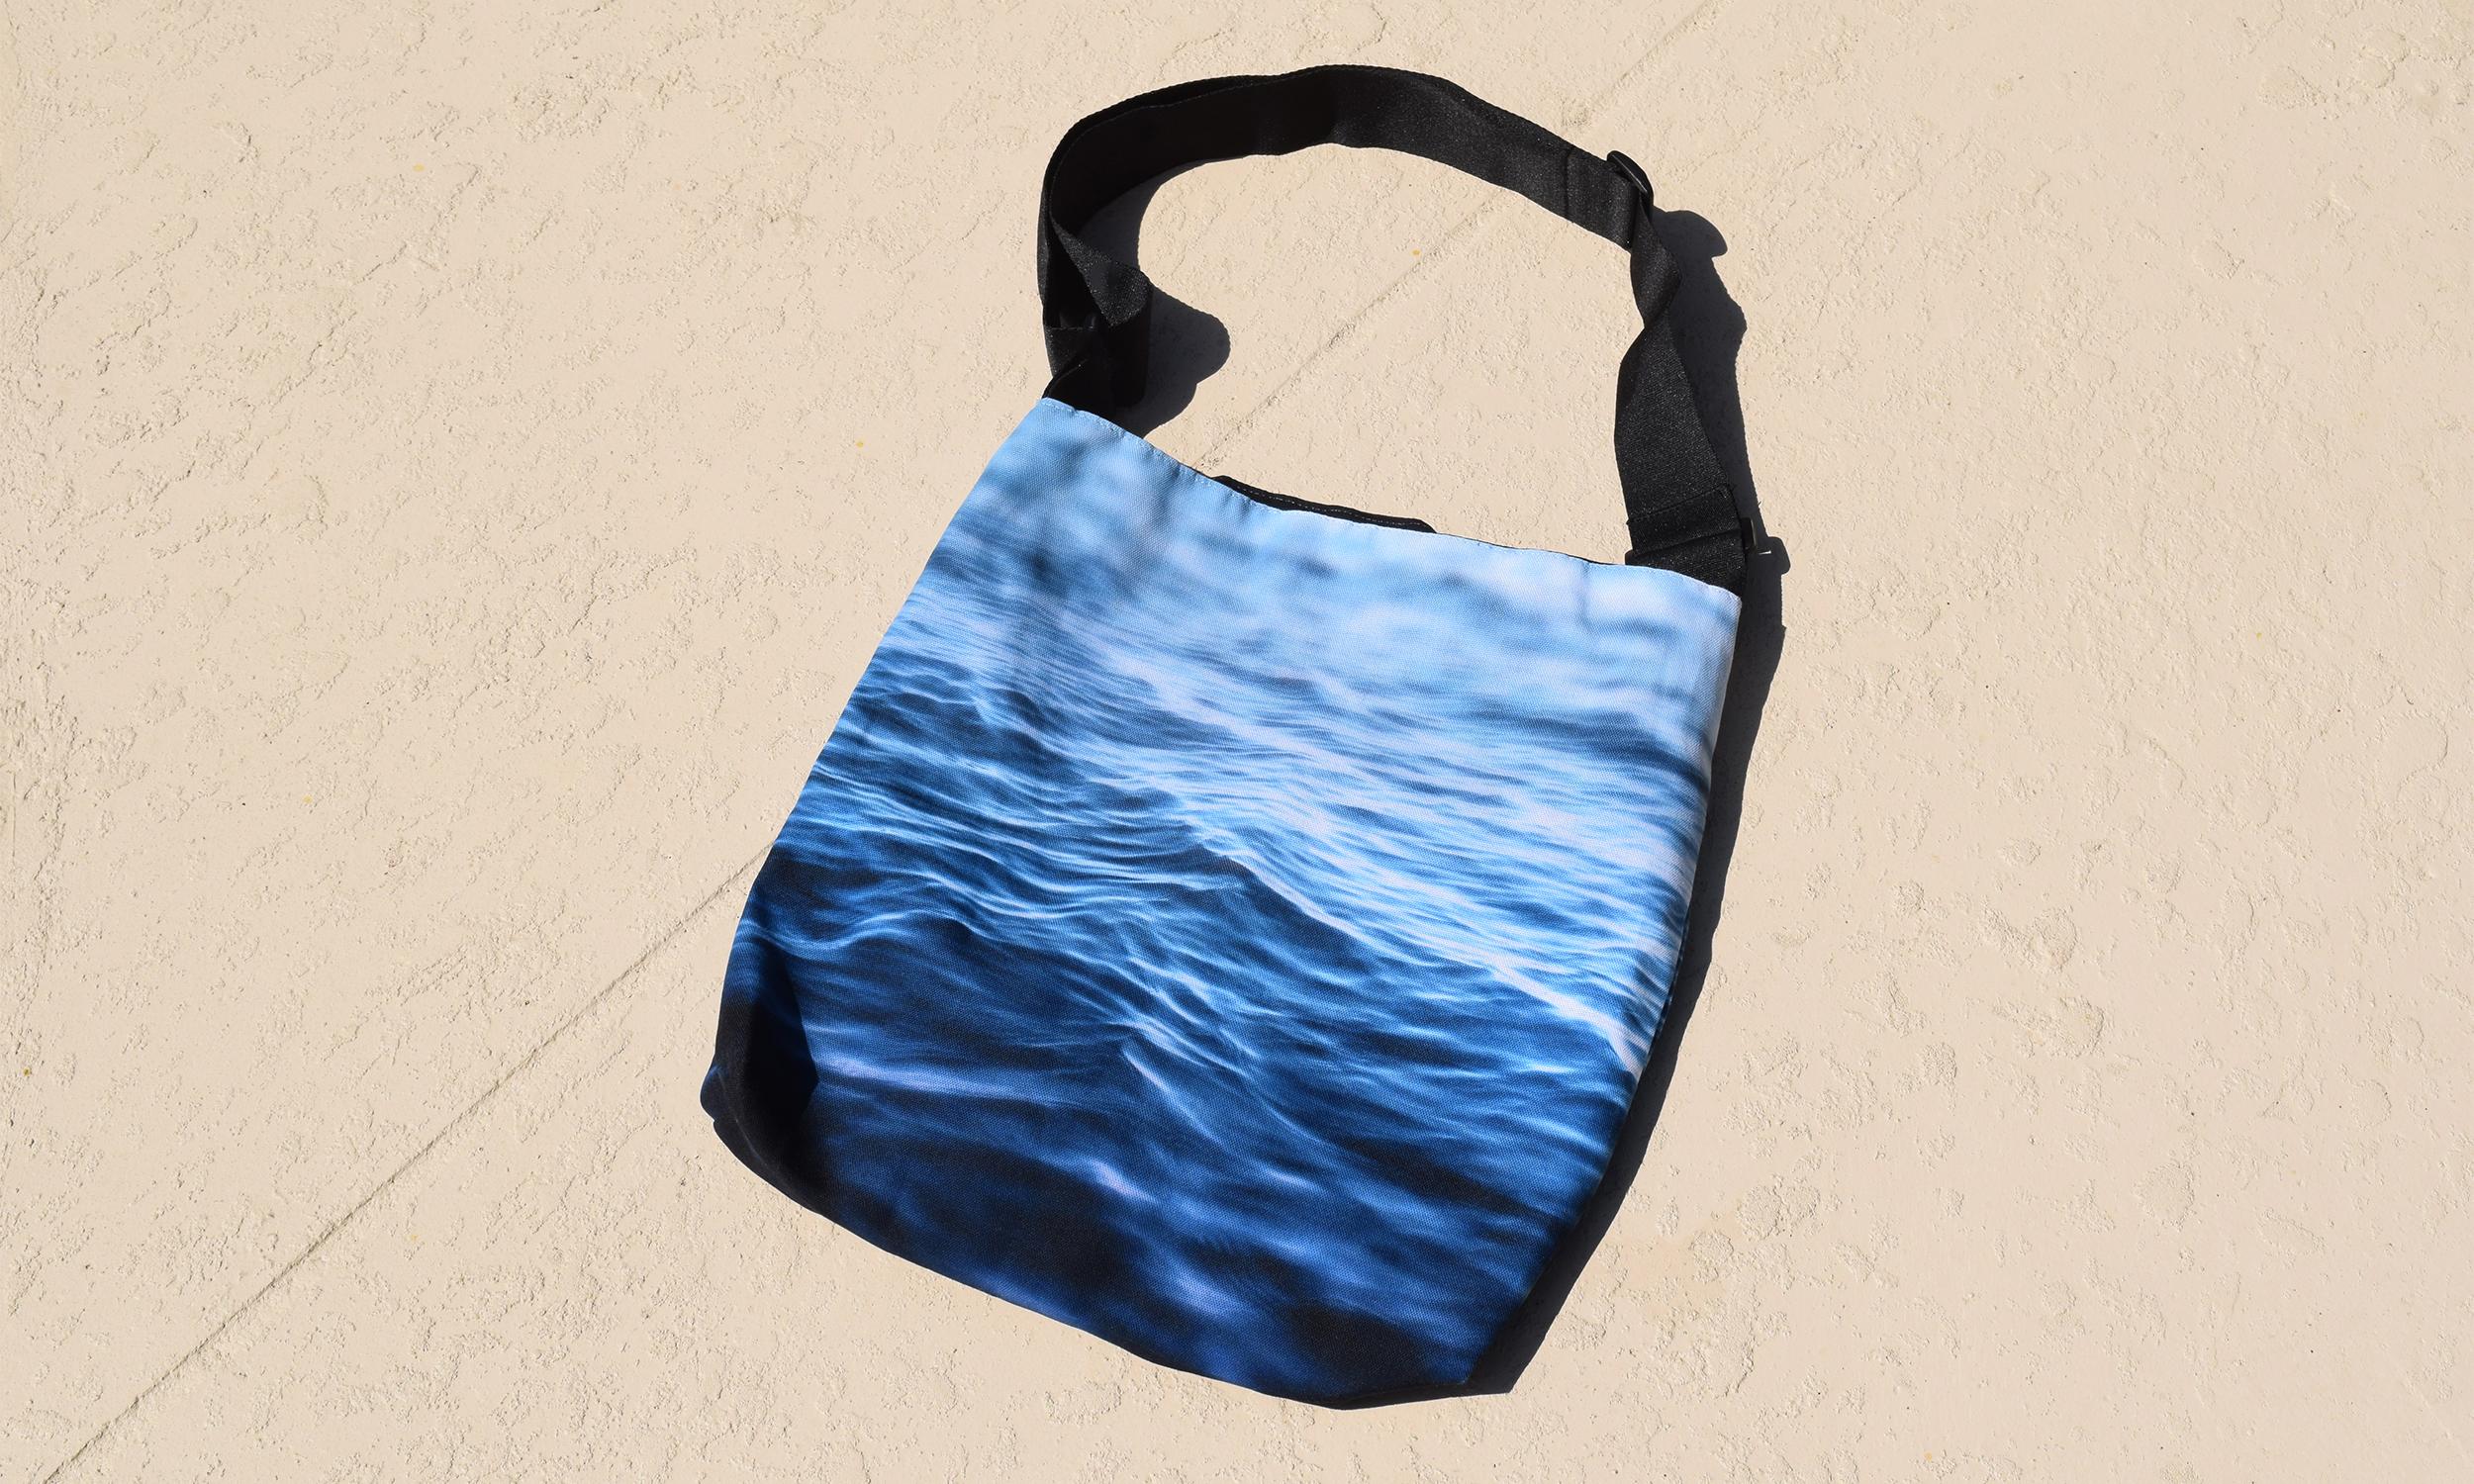 dark waters tote on pool deck resized 2500x1500.jpg